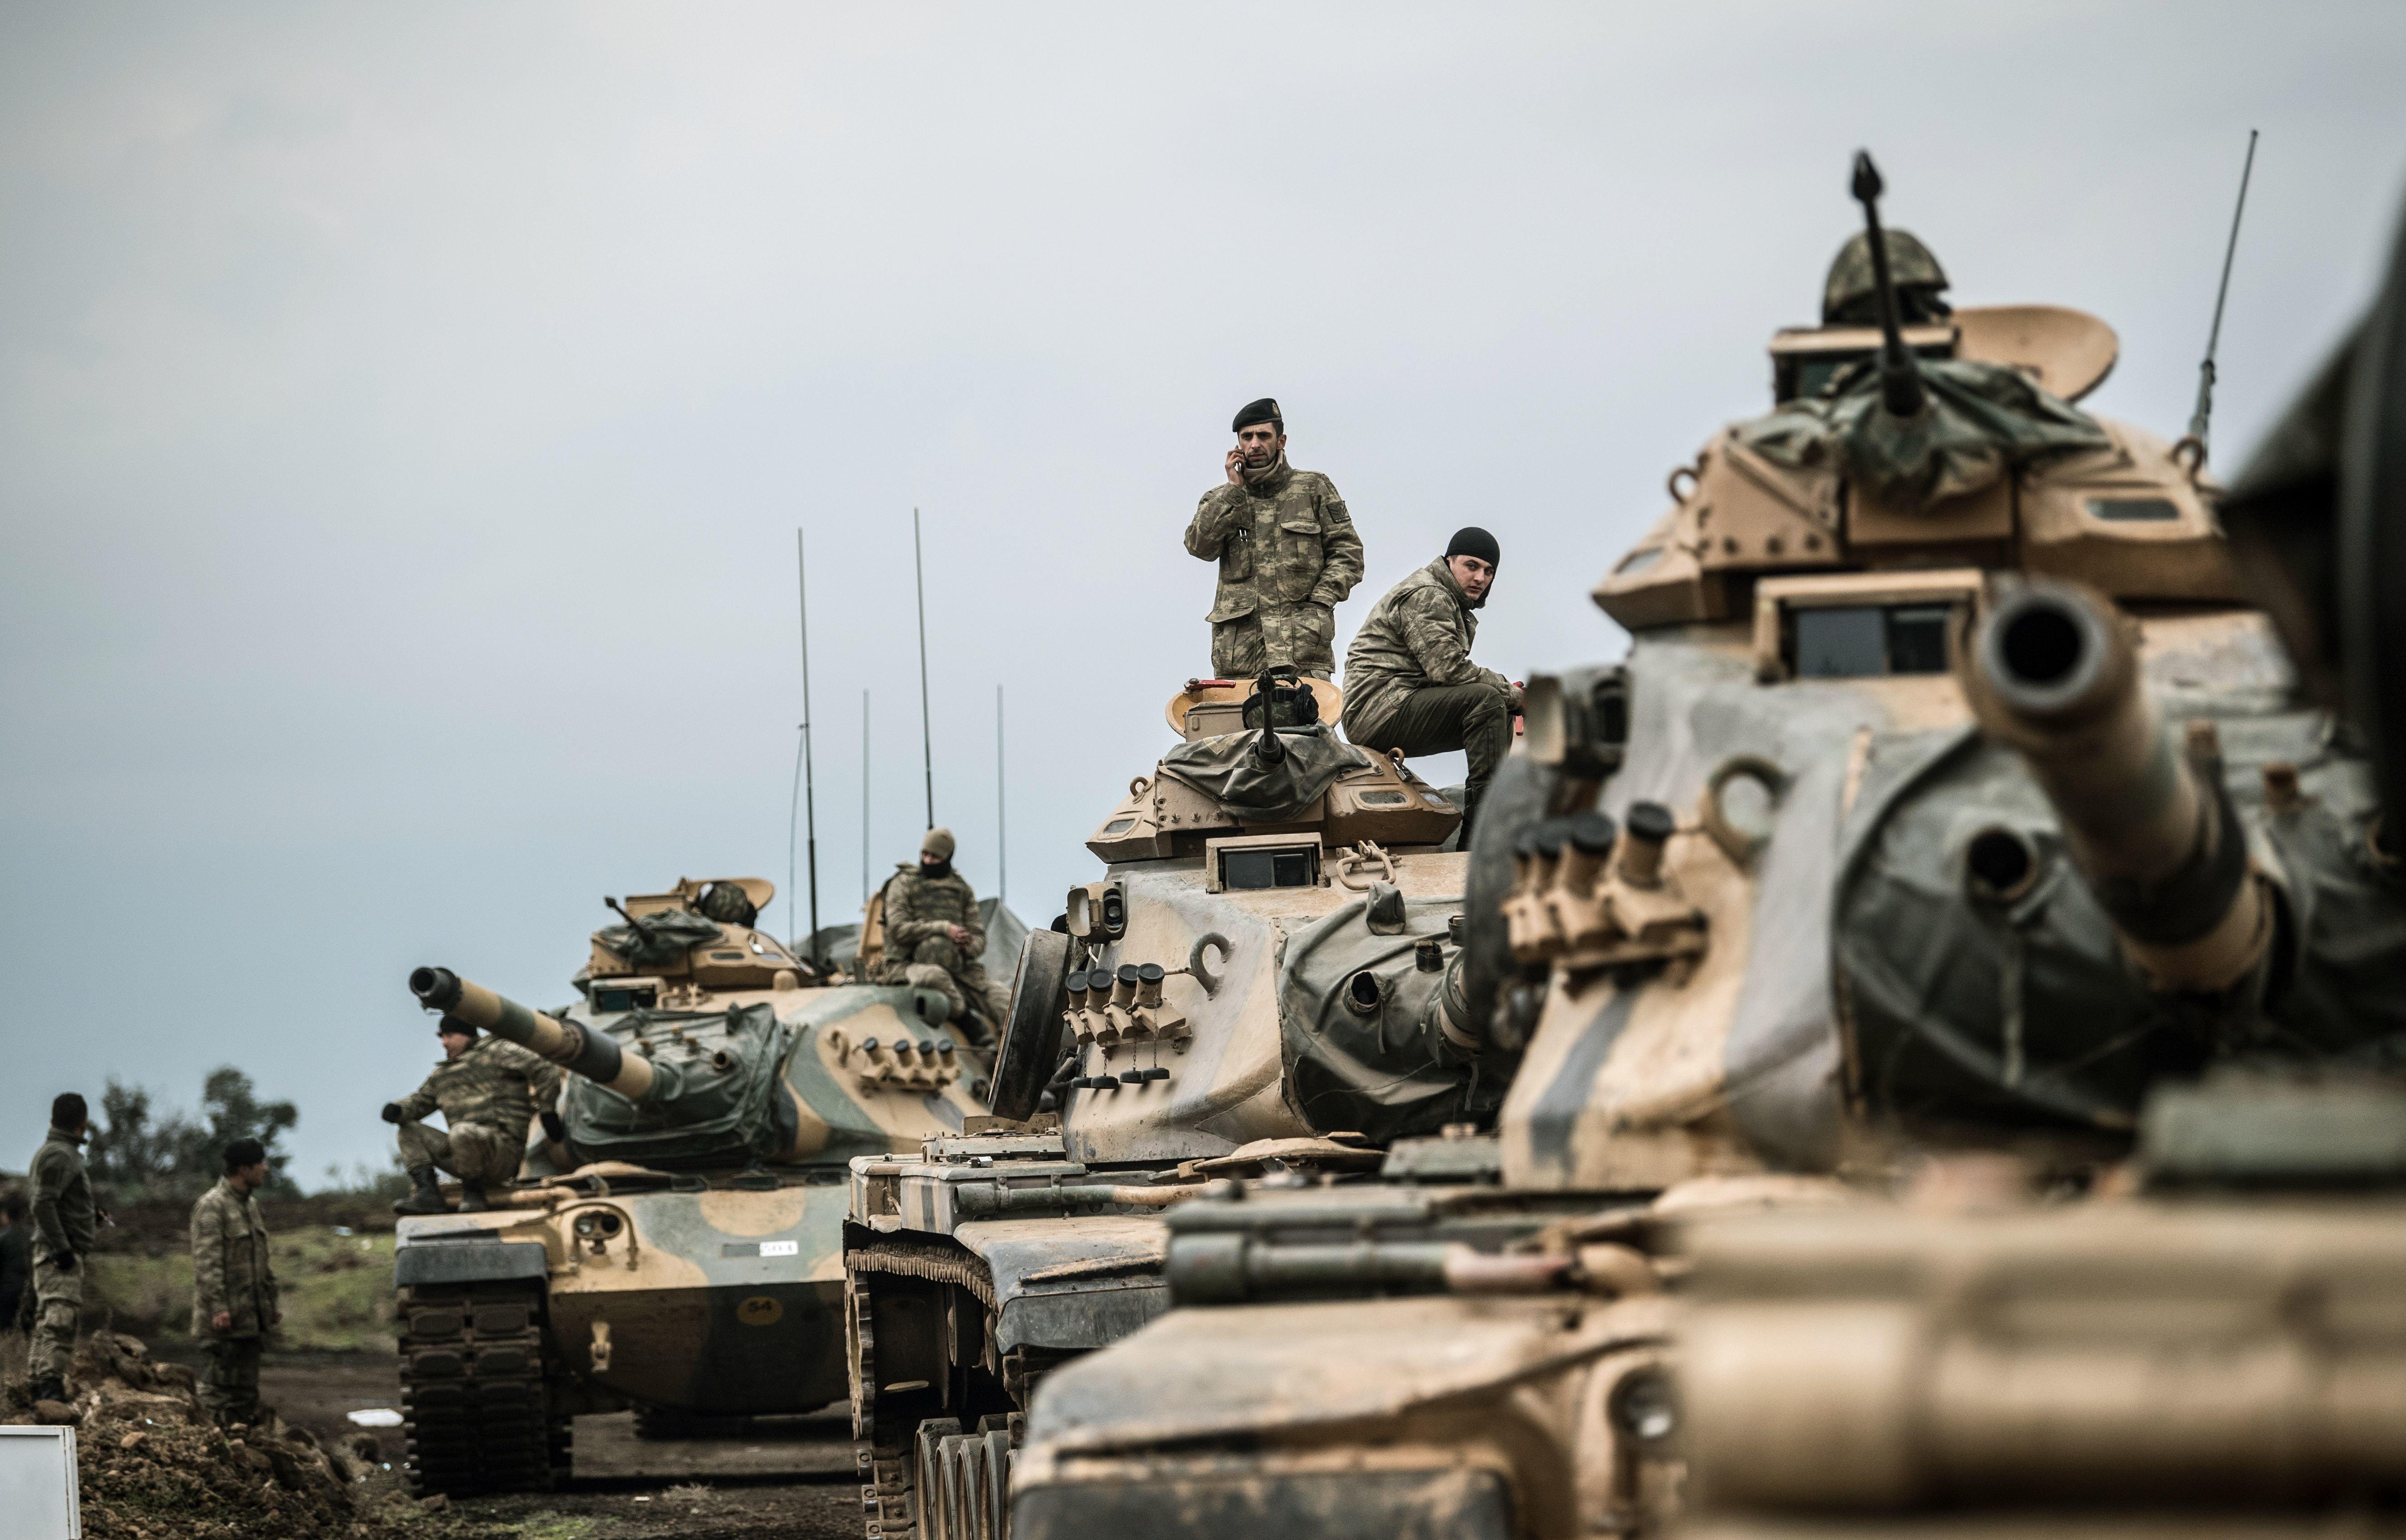 Türkische Militäroffensive fordert dutzende Todesopfer: Deutsche Politiker rufen zum Handeln